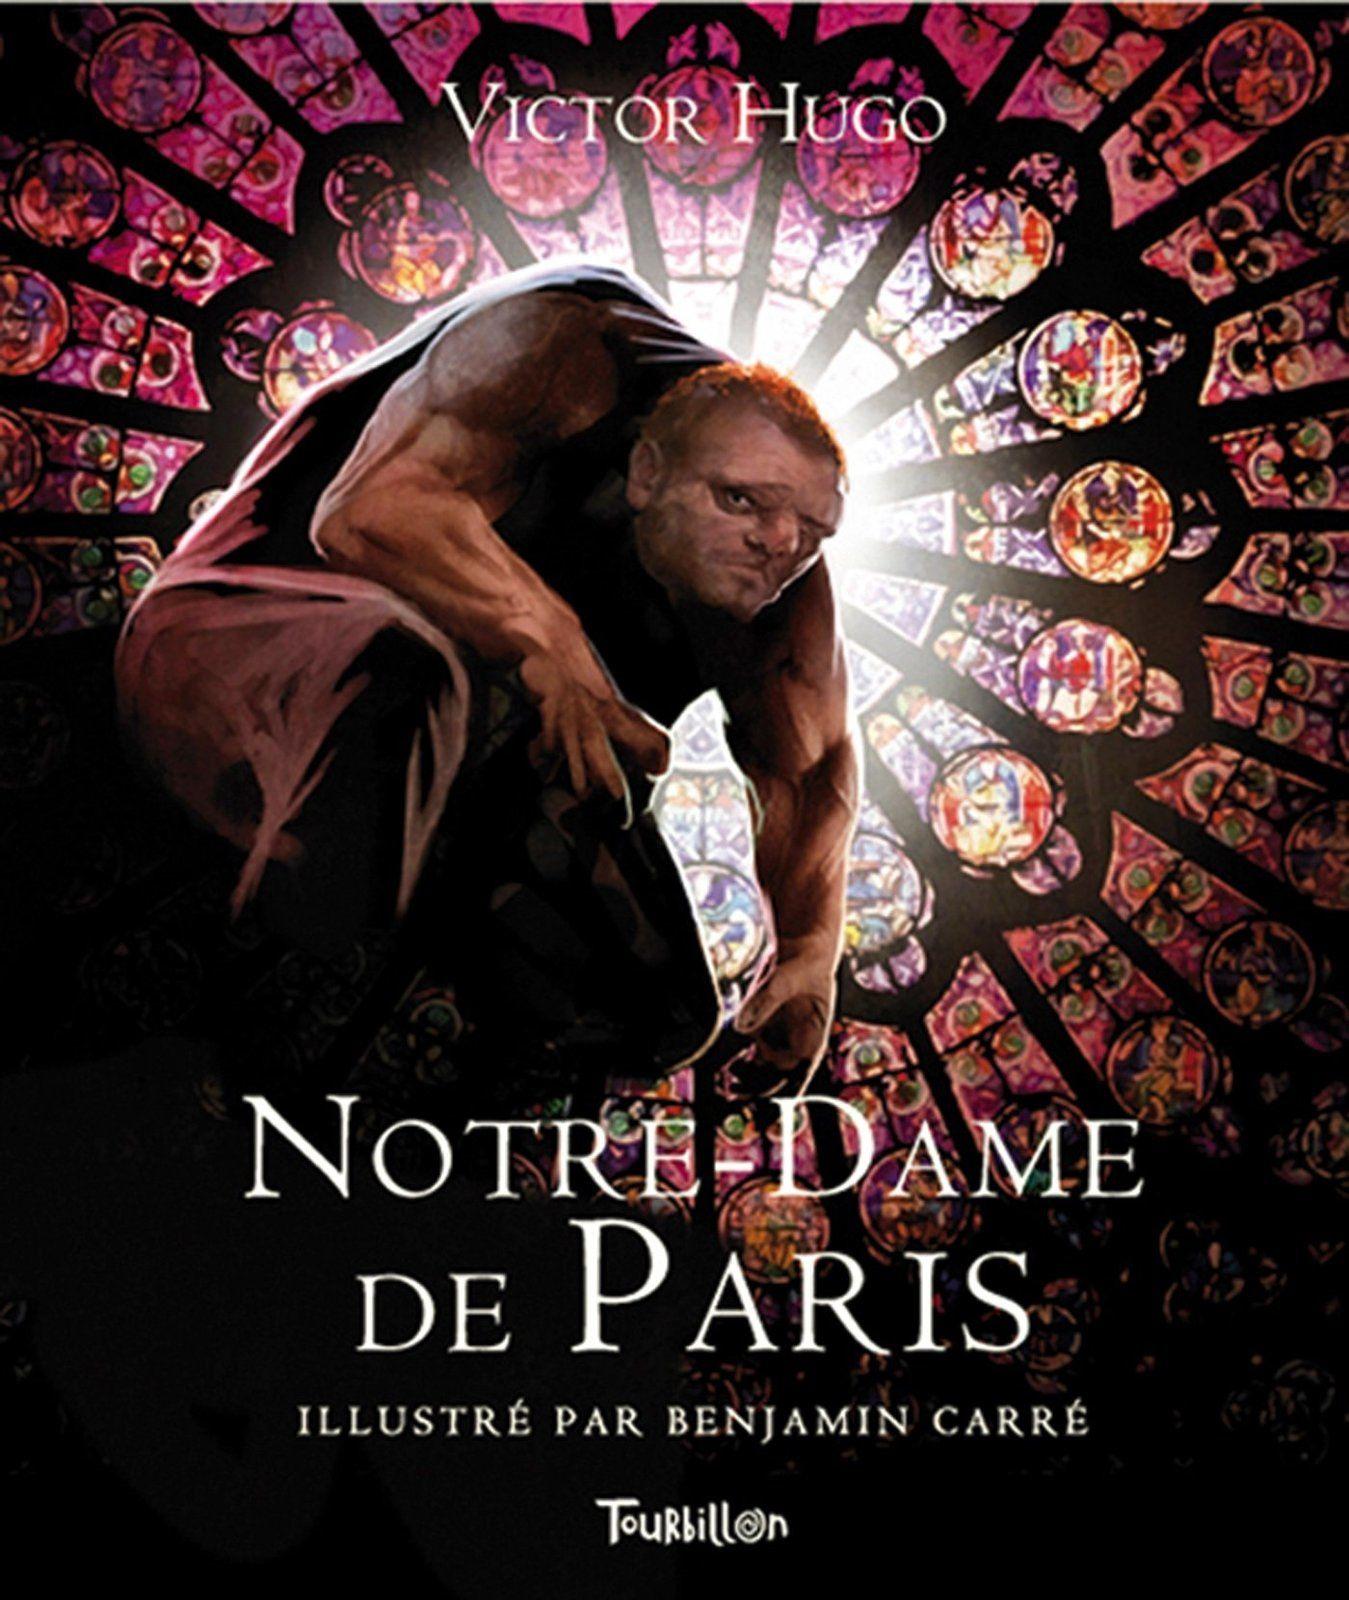 Notre-Dame de Paris - 15 avril 2019